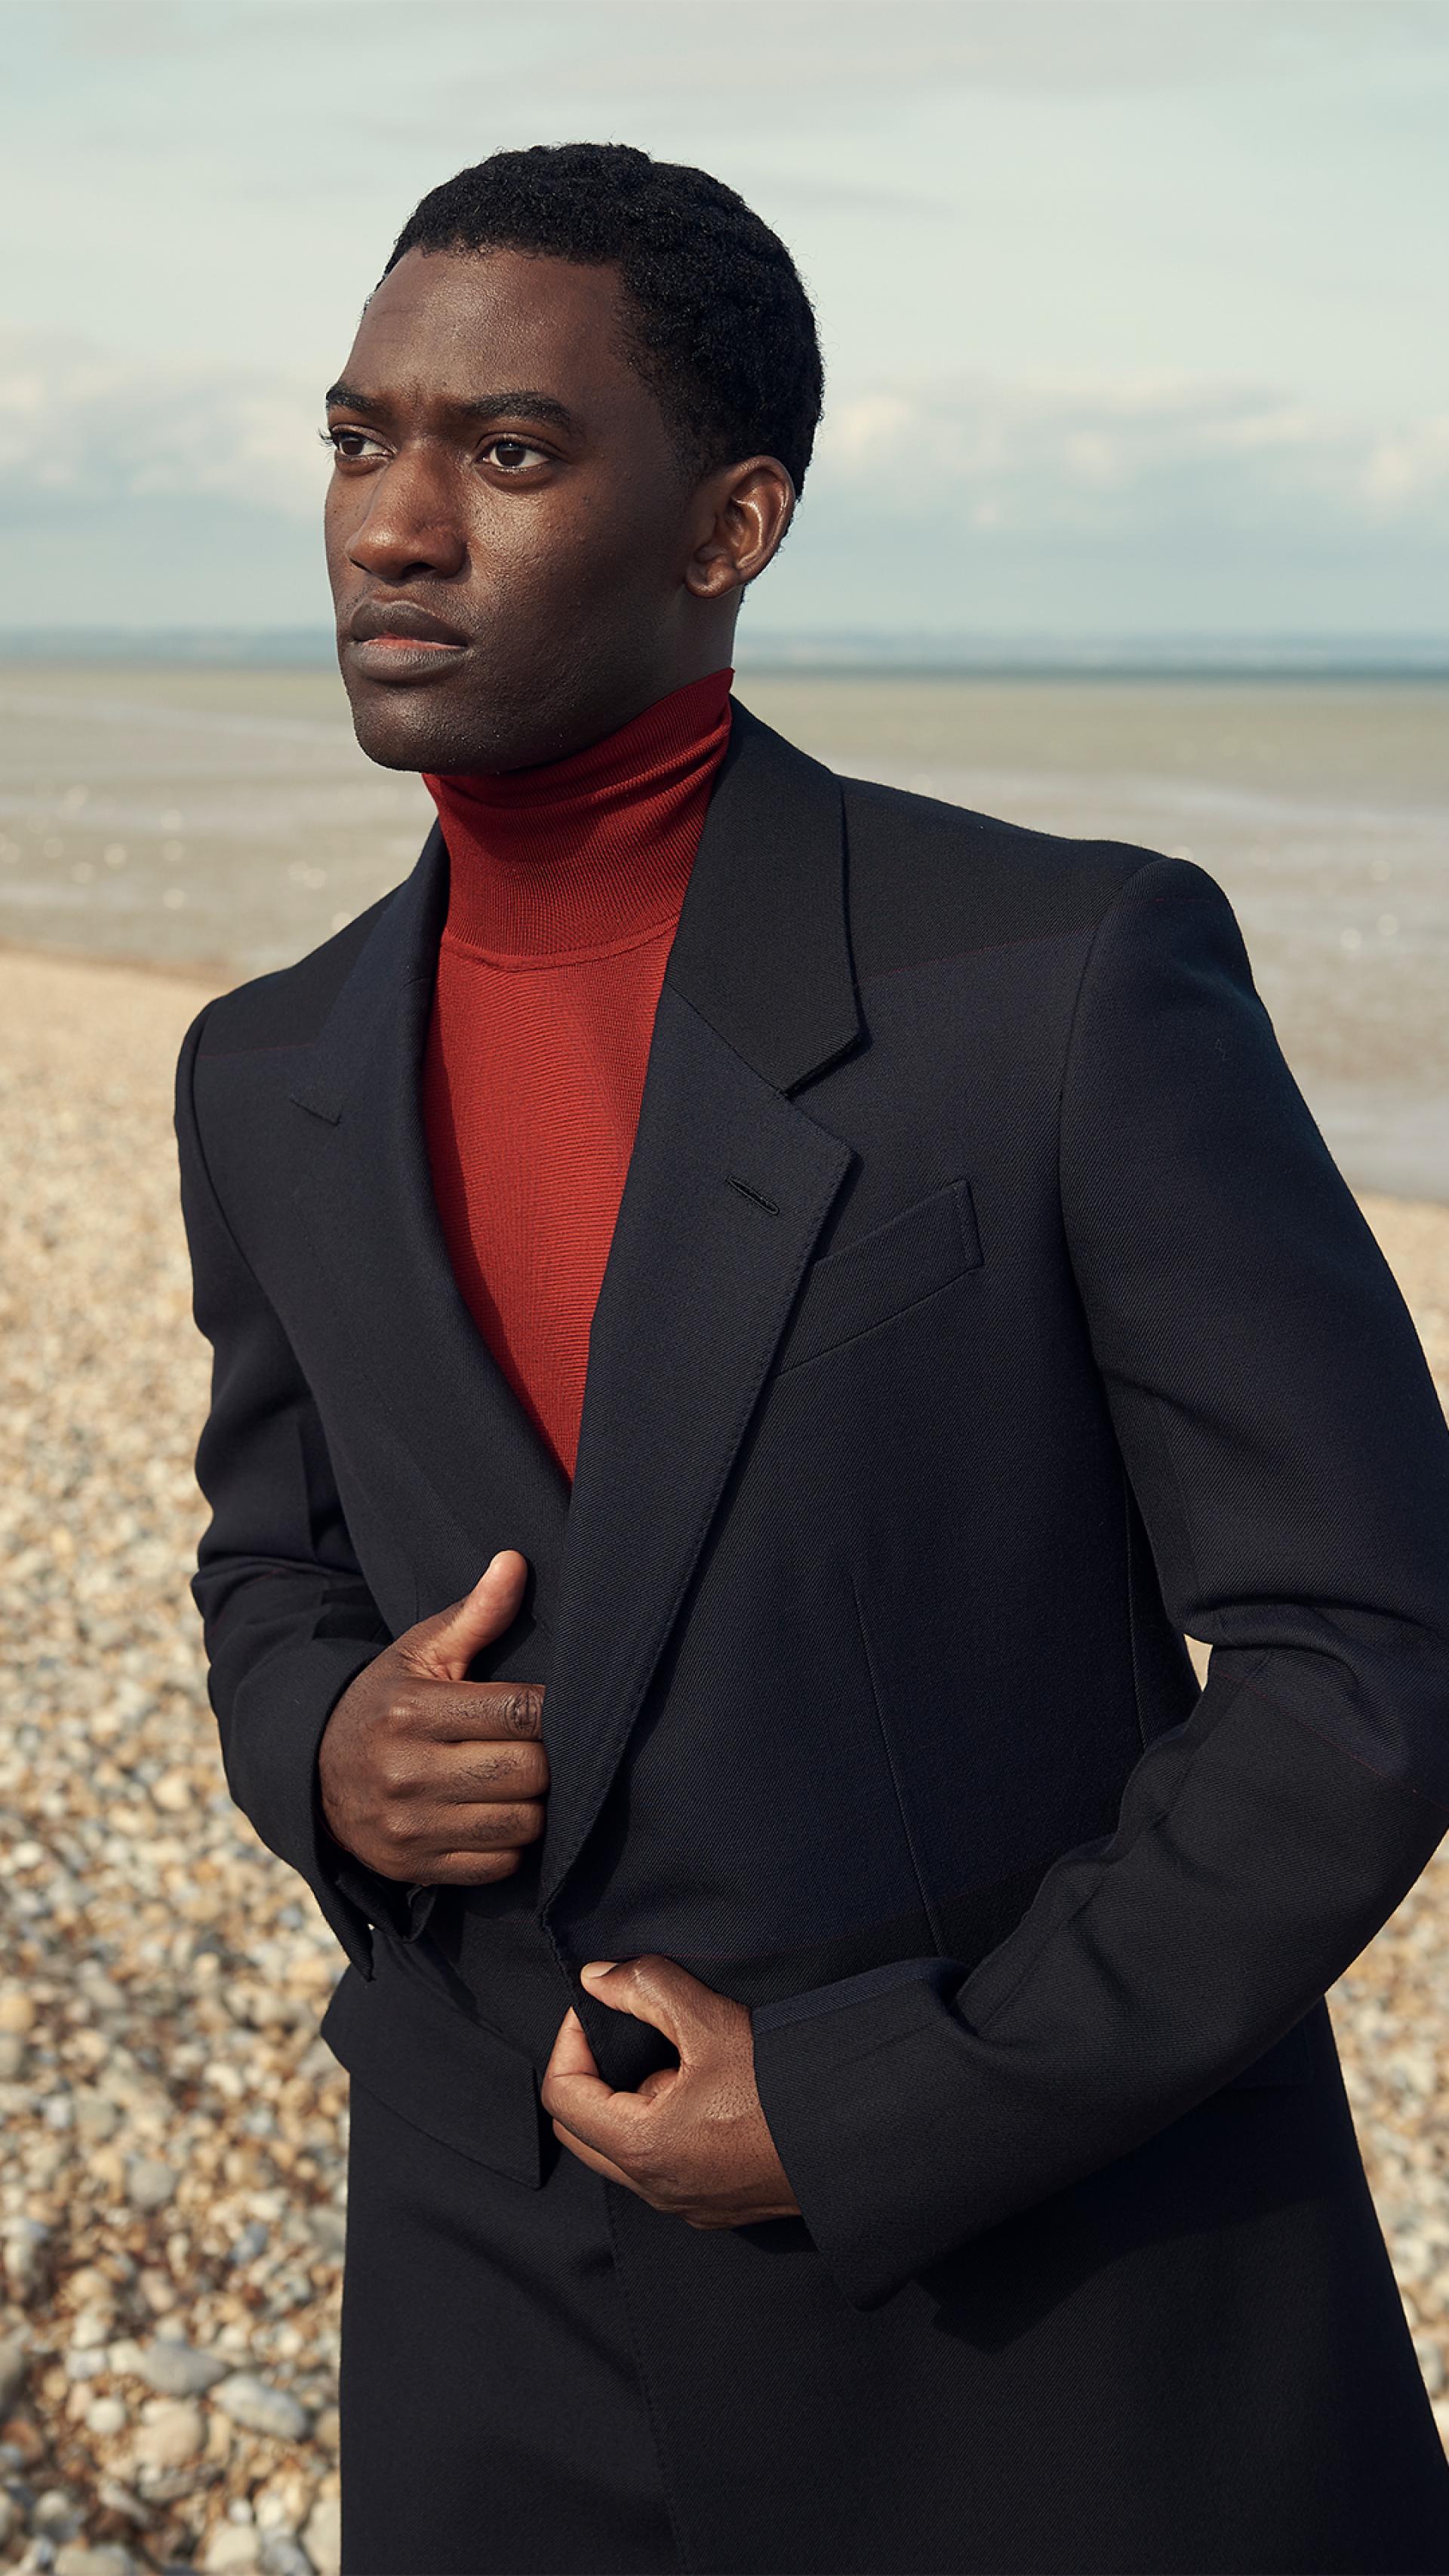 Malachi Kirby photographed Bertie Watson